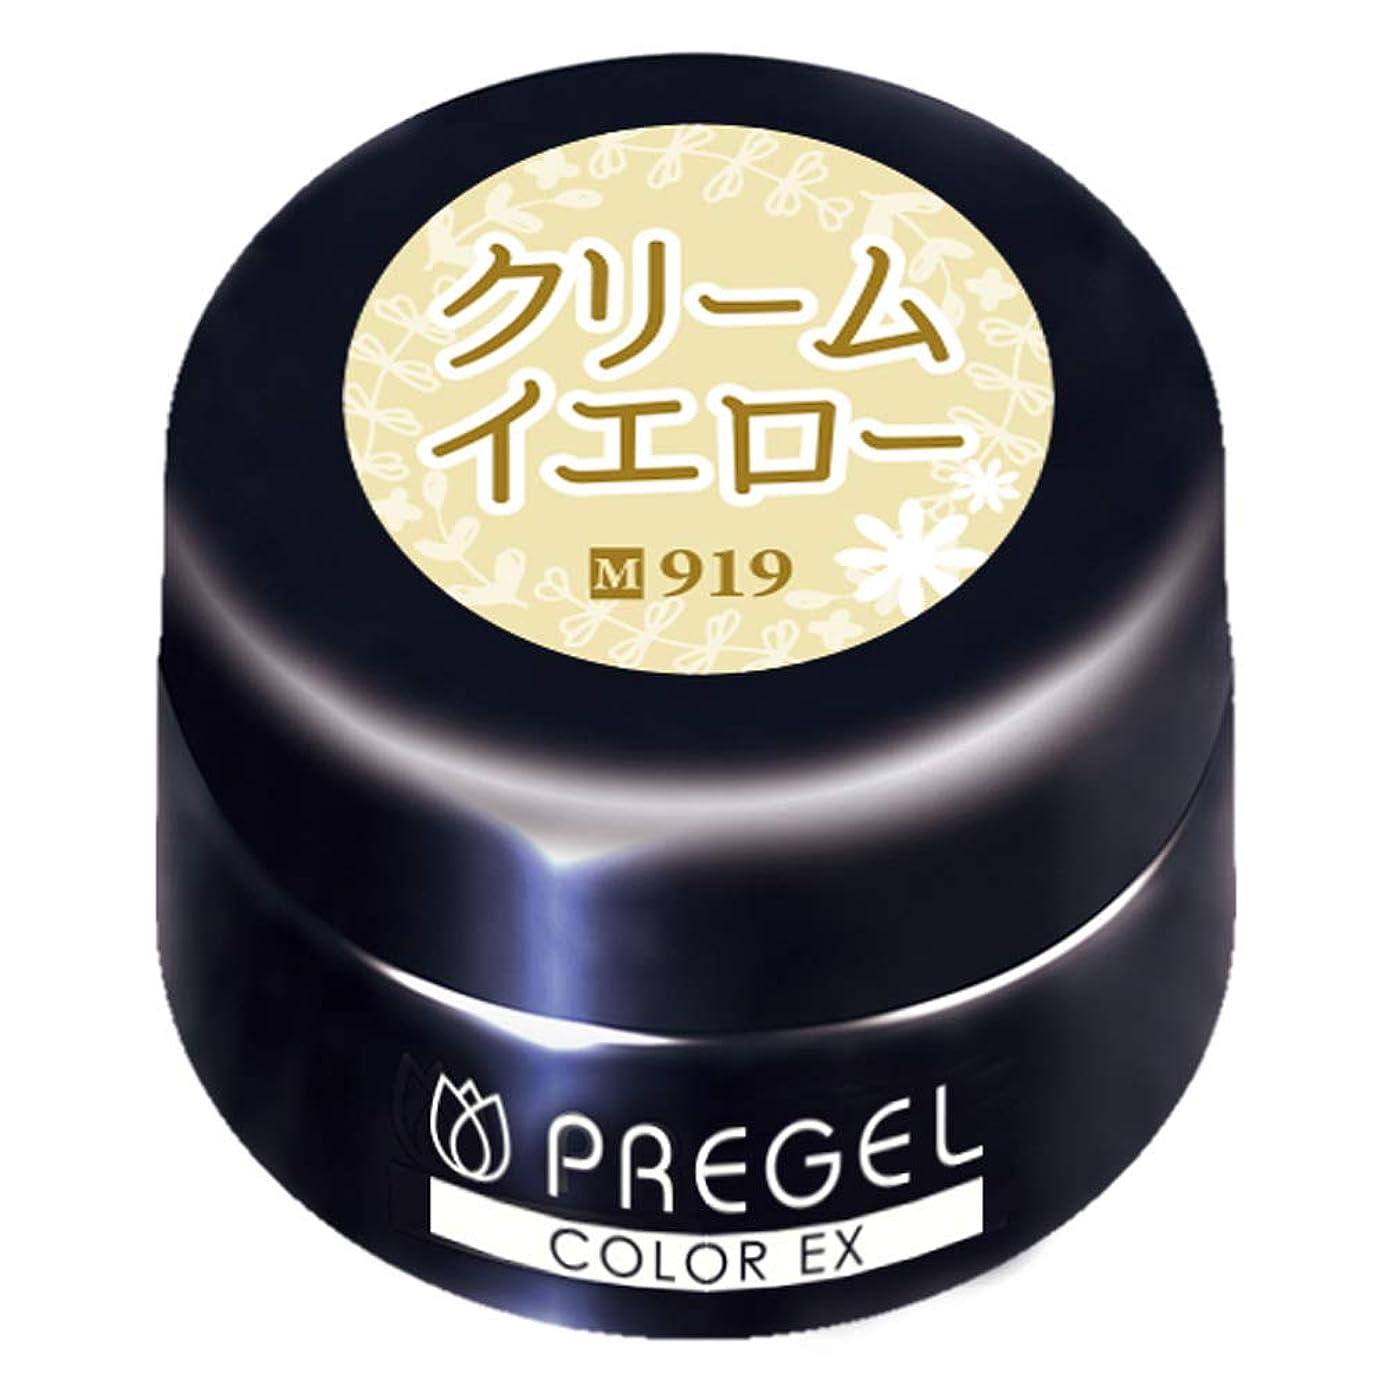 ジェット独特の不良品PRE GEL(プリジェル) PRE GEL カラーEX クリームイエロー919 3g PG-CE919 UV/LED対応 ジェルネイル